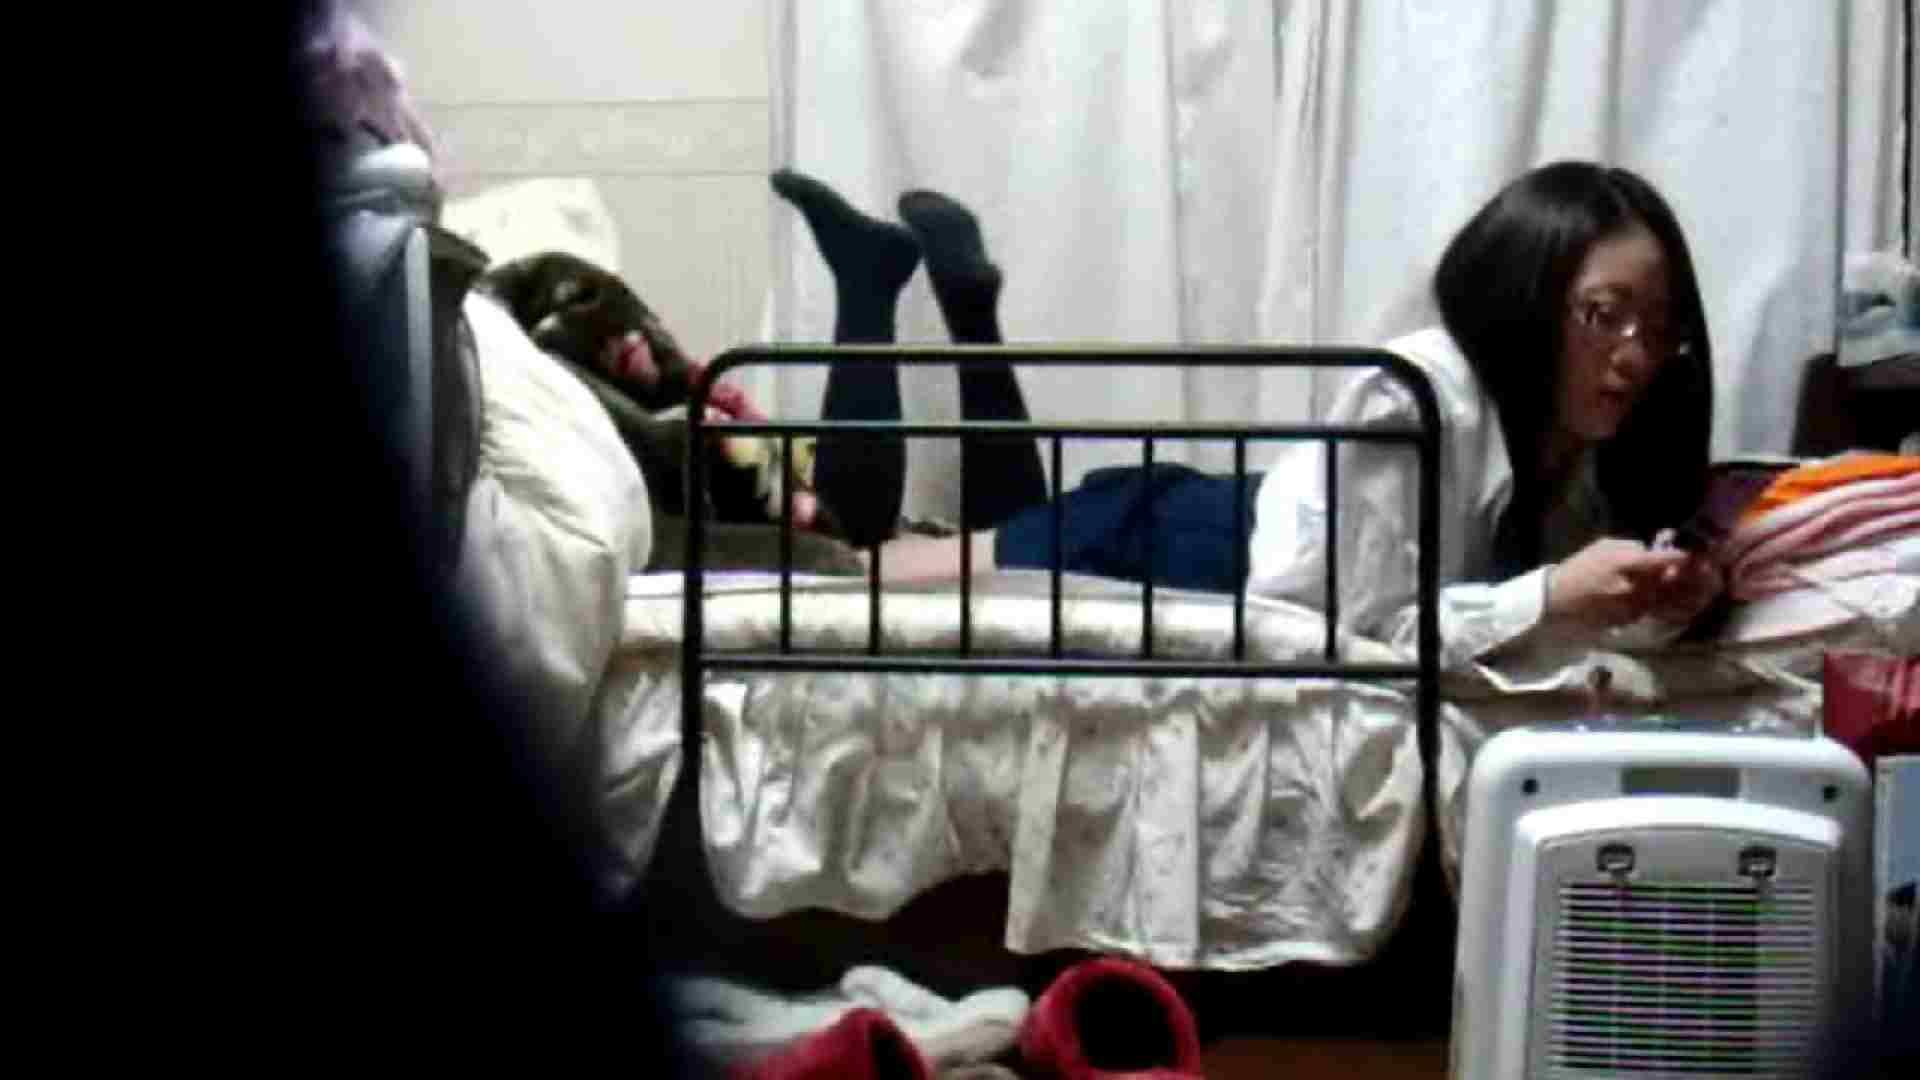 二人とも育てた甲斐がありました… vol.04 まどかが帰宅してベッドでセックス OLセックス | セックス  57画像 27